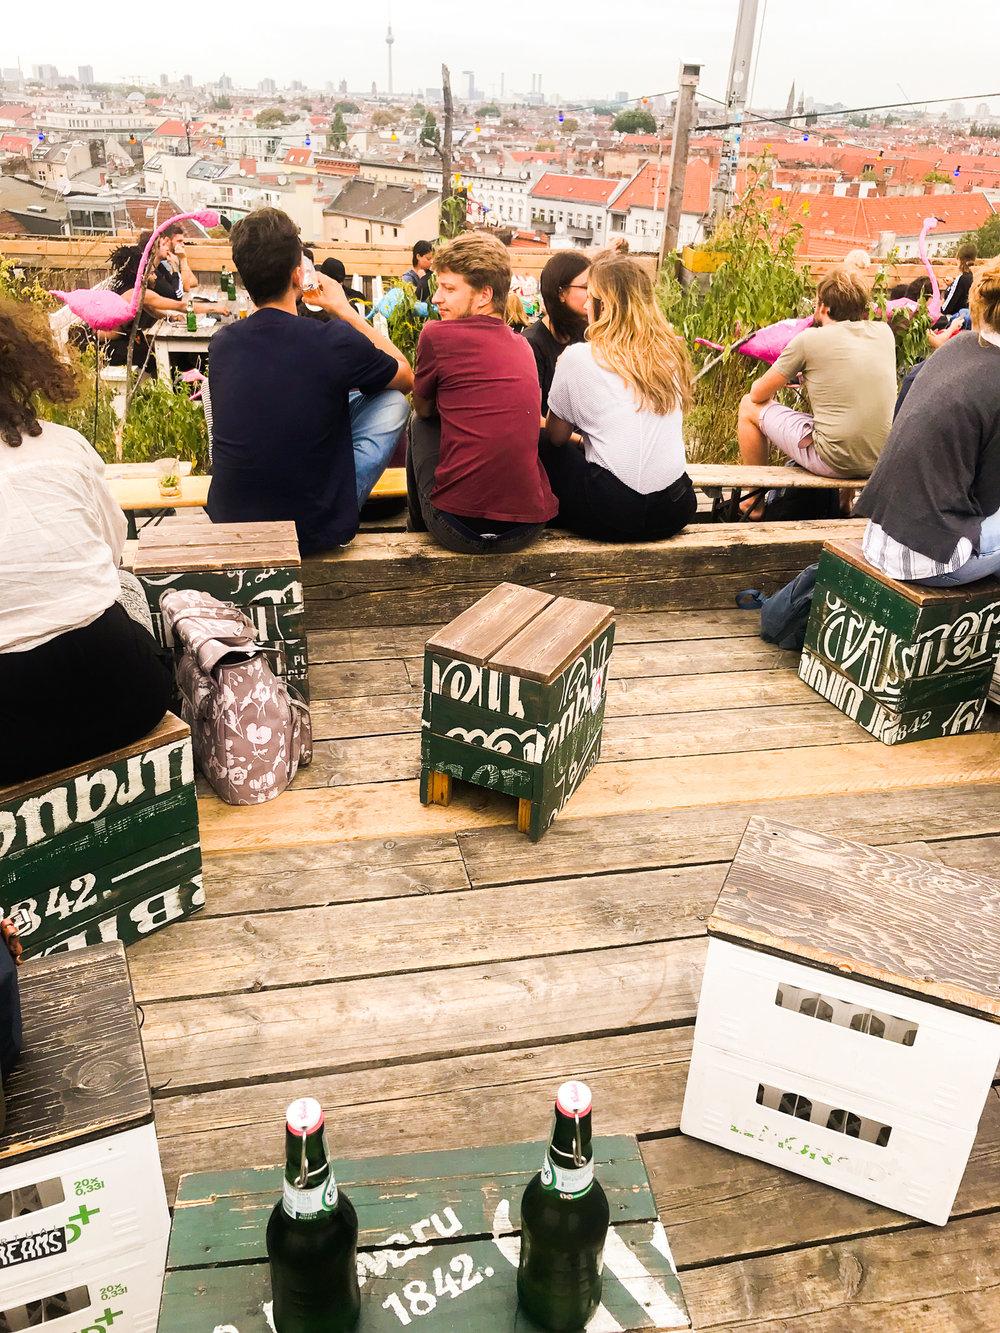 Rooftop bar in Berlin